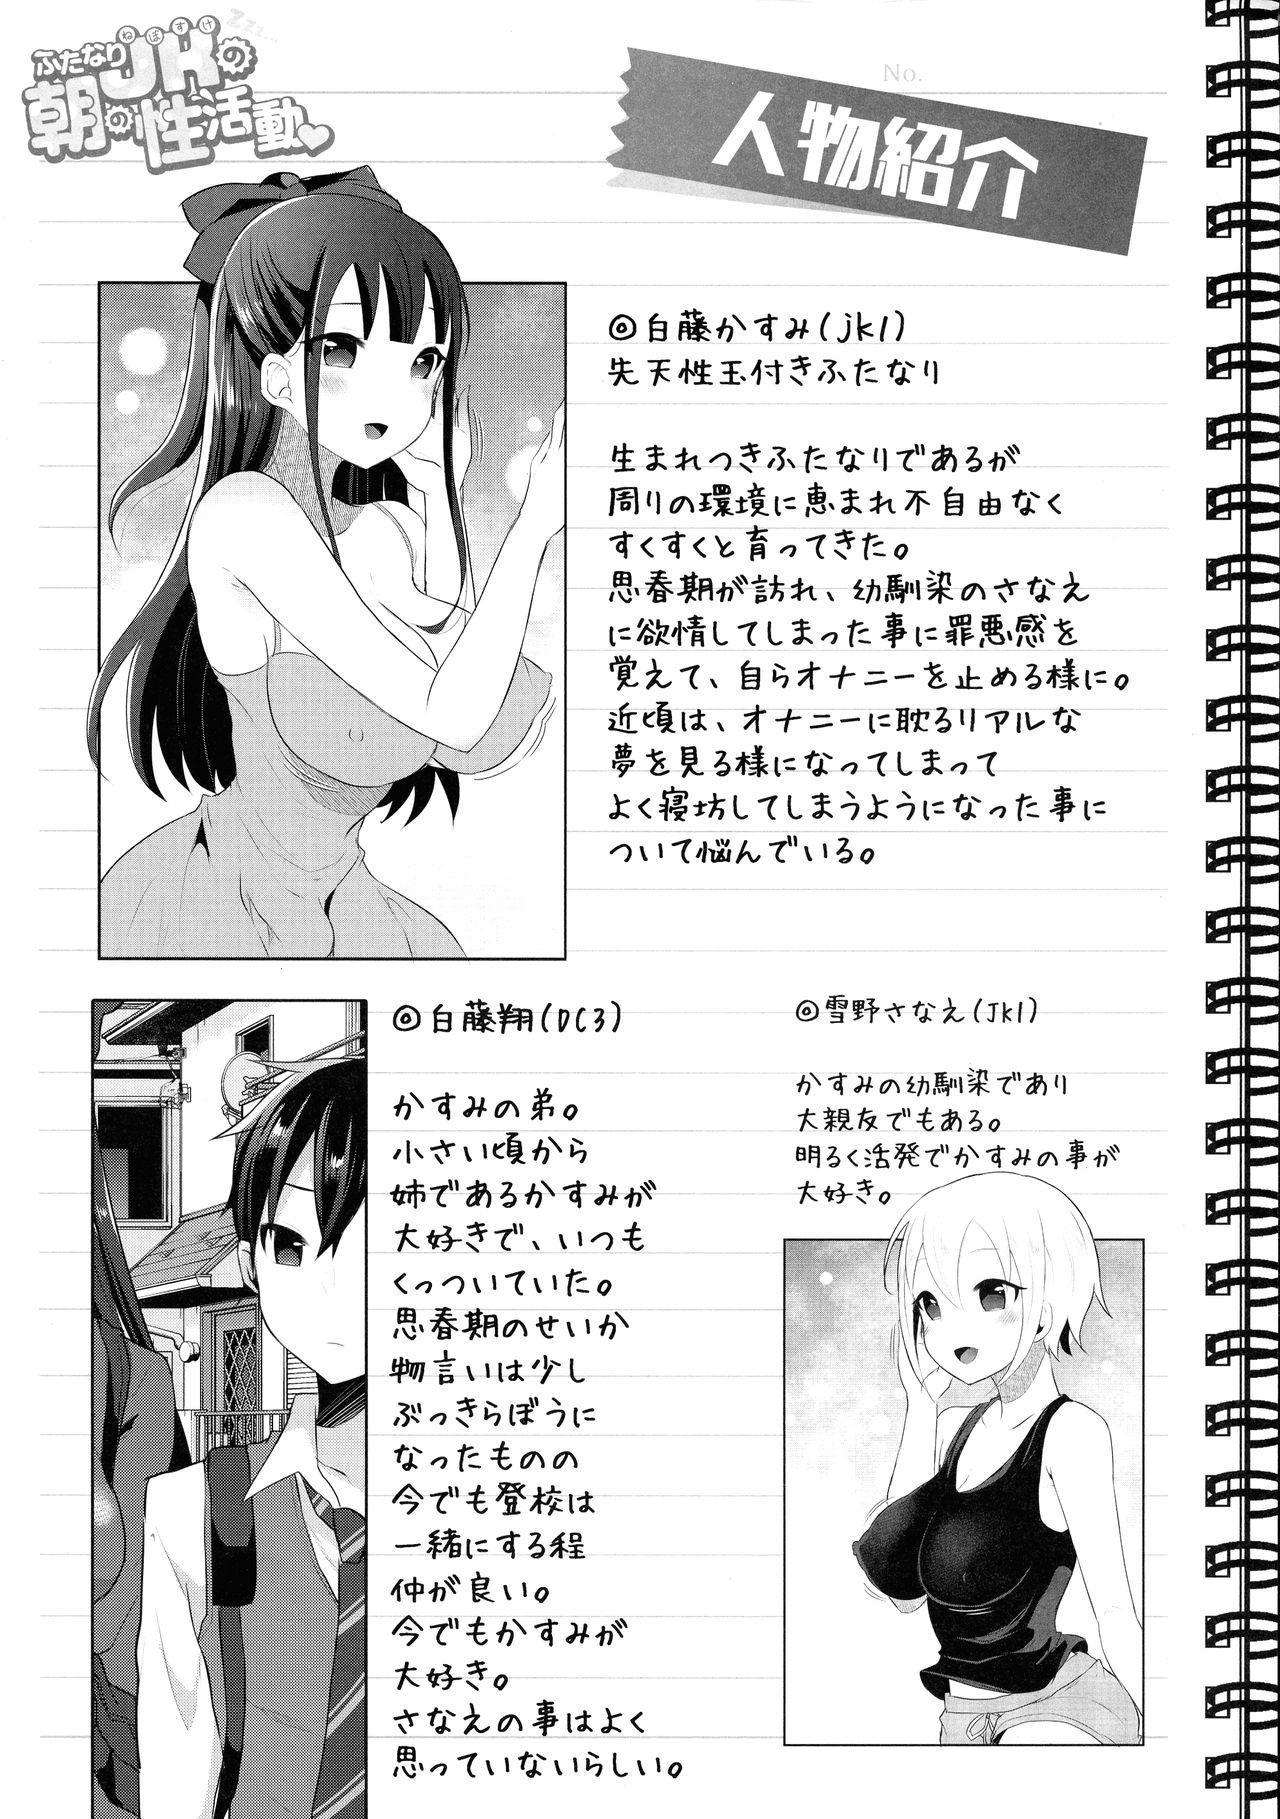 Futanari Nebosuke no Asa no Seikatsudo 2 3